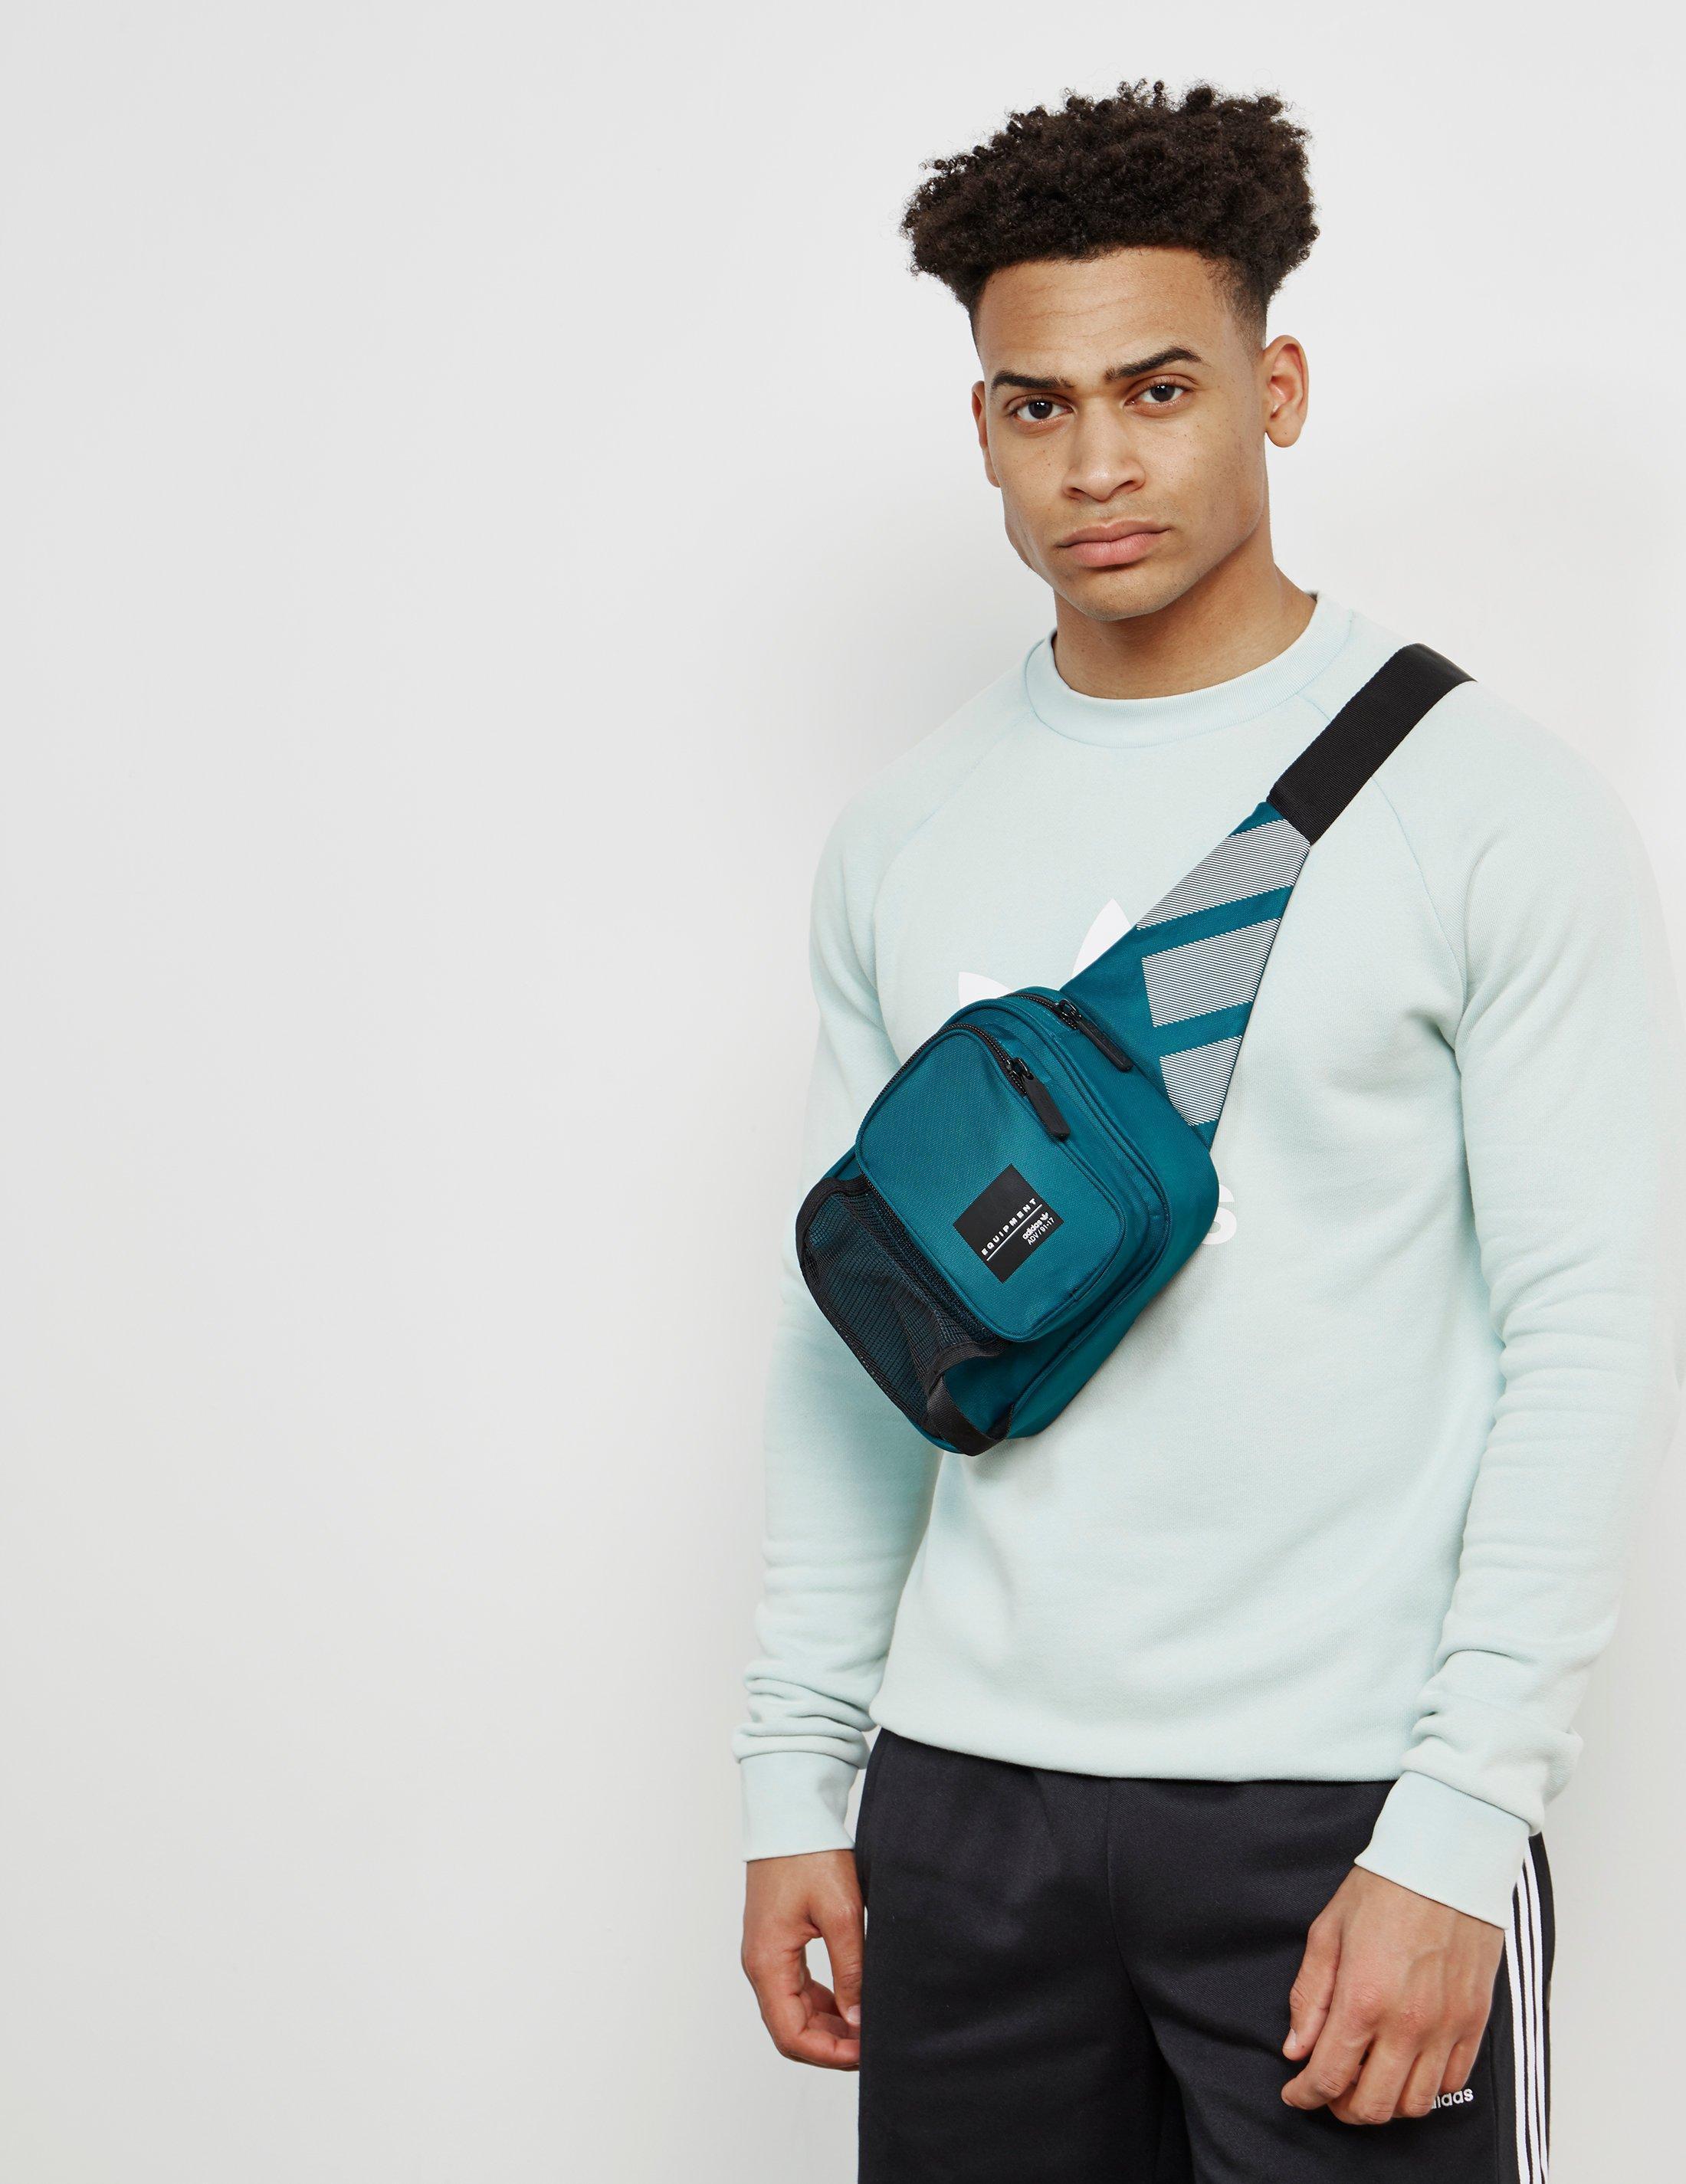 2aad7d7cdcd1 Lyst - adidas Originals Mens Eqt Side Bag Green in Green for Men